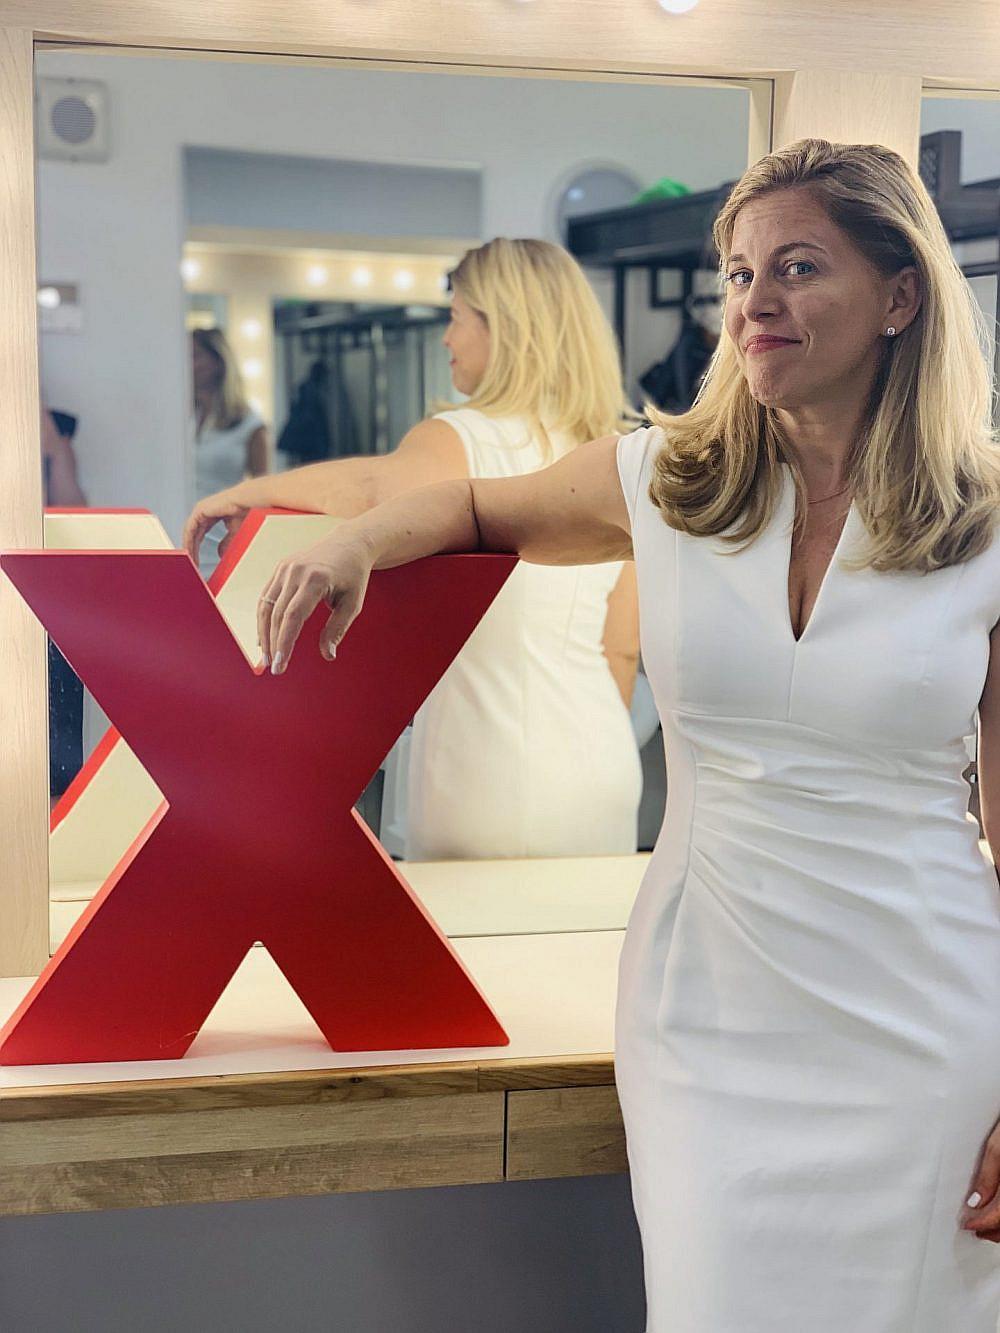 דליה פלדהיים מאחורי הקלעים בכנס TEDx | צילום: מיה כרמי-דרור